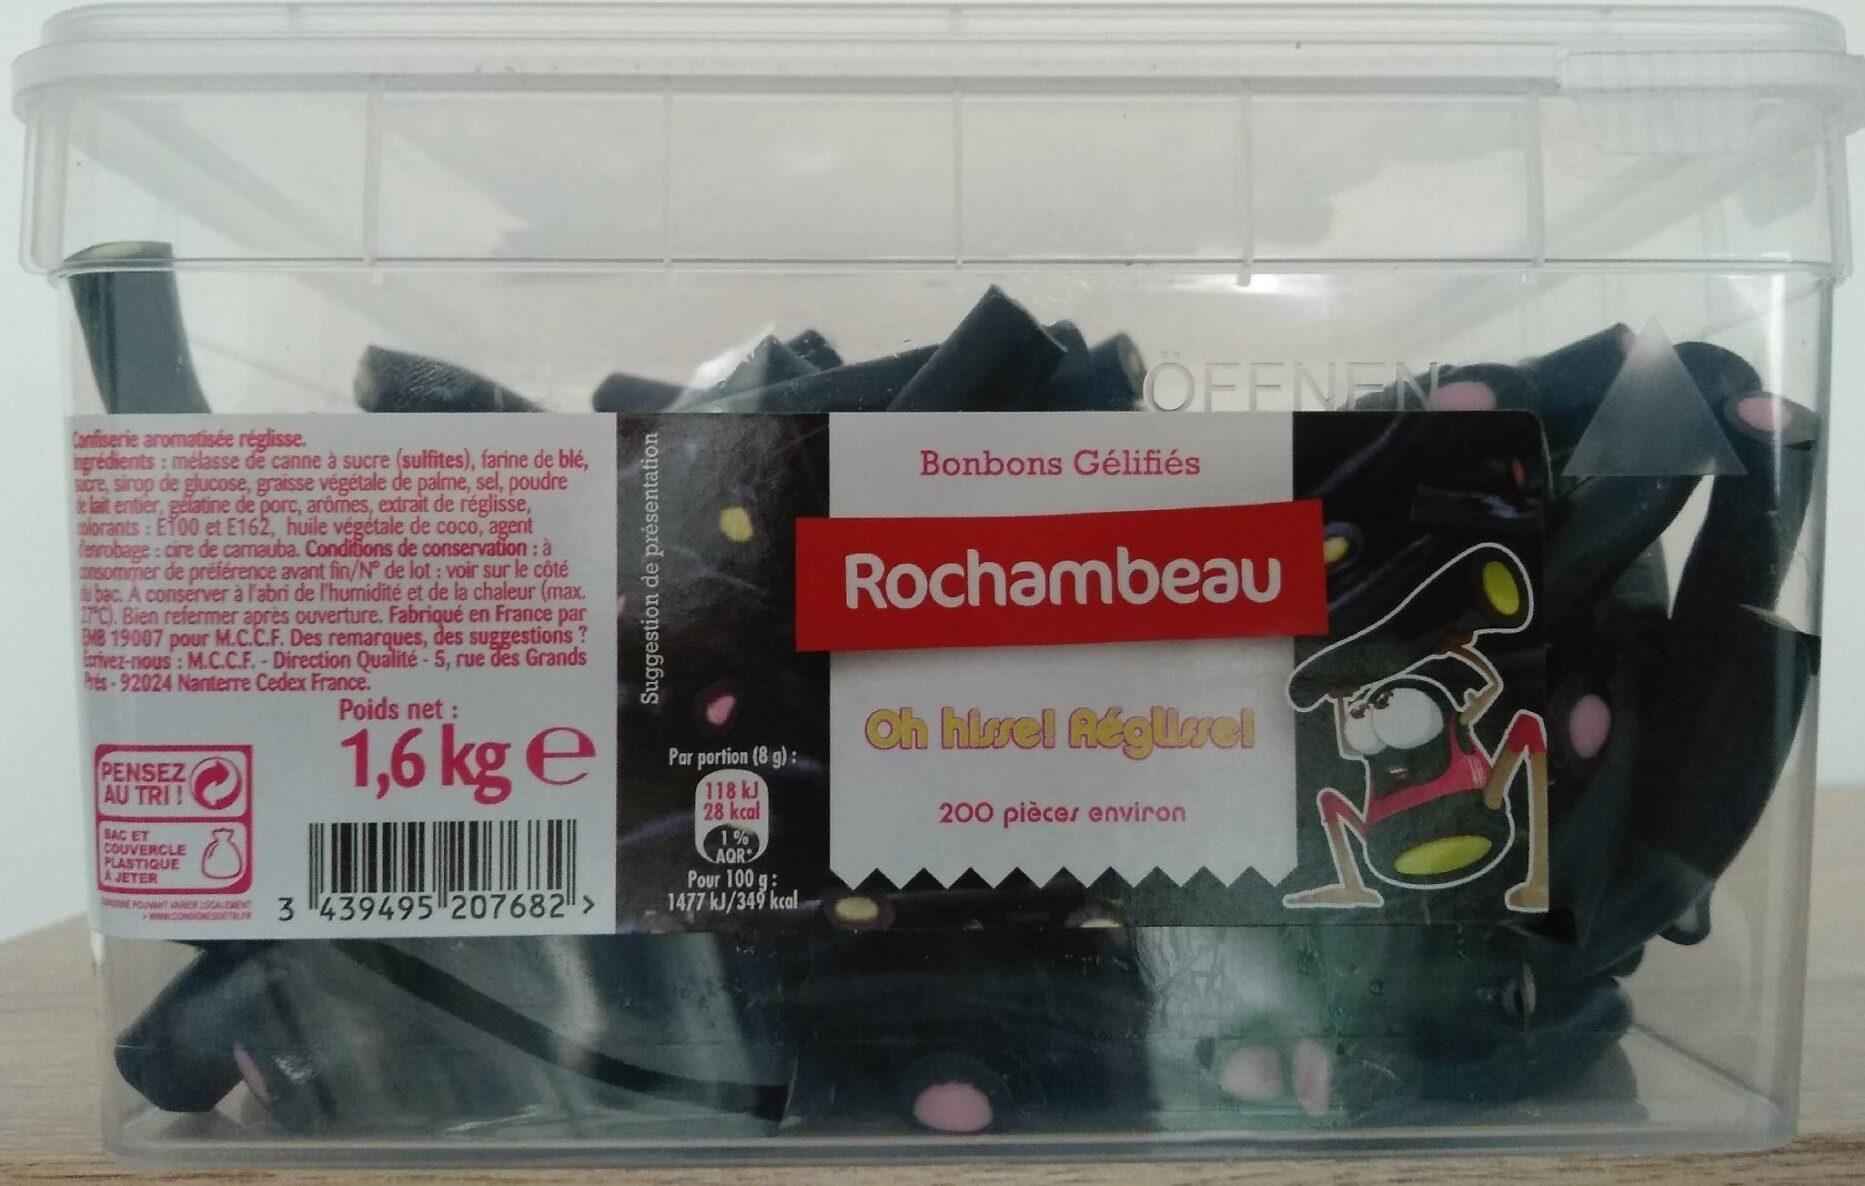 Oh hisse! Réglisse! - Product - fr